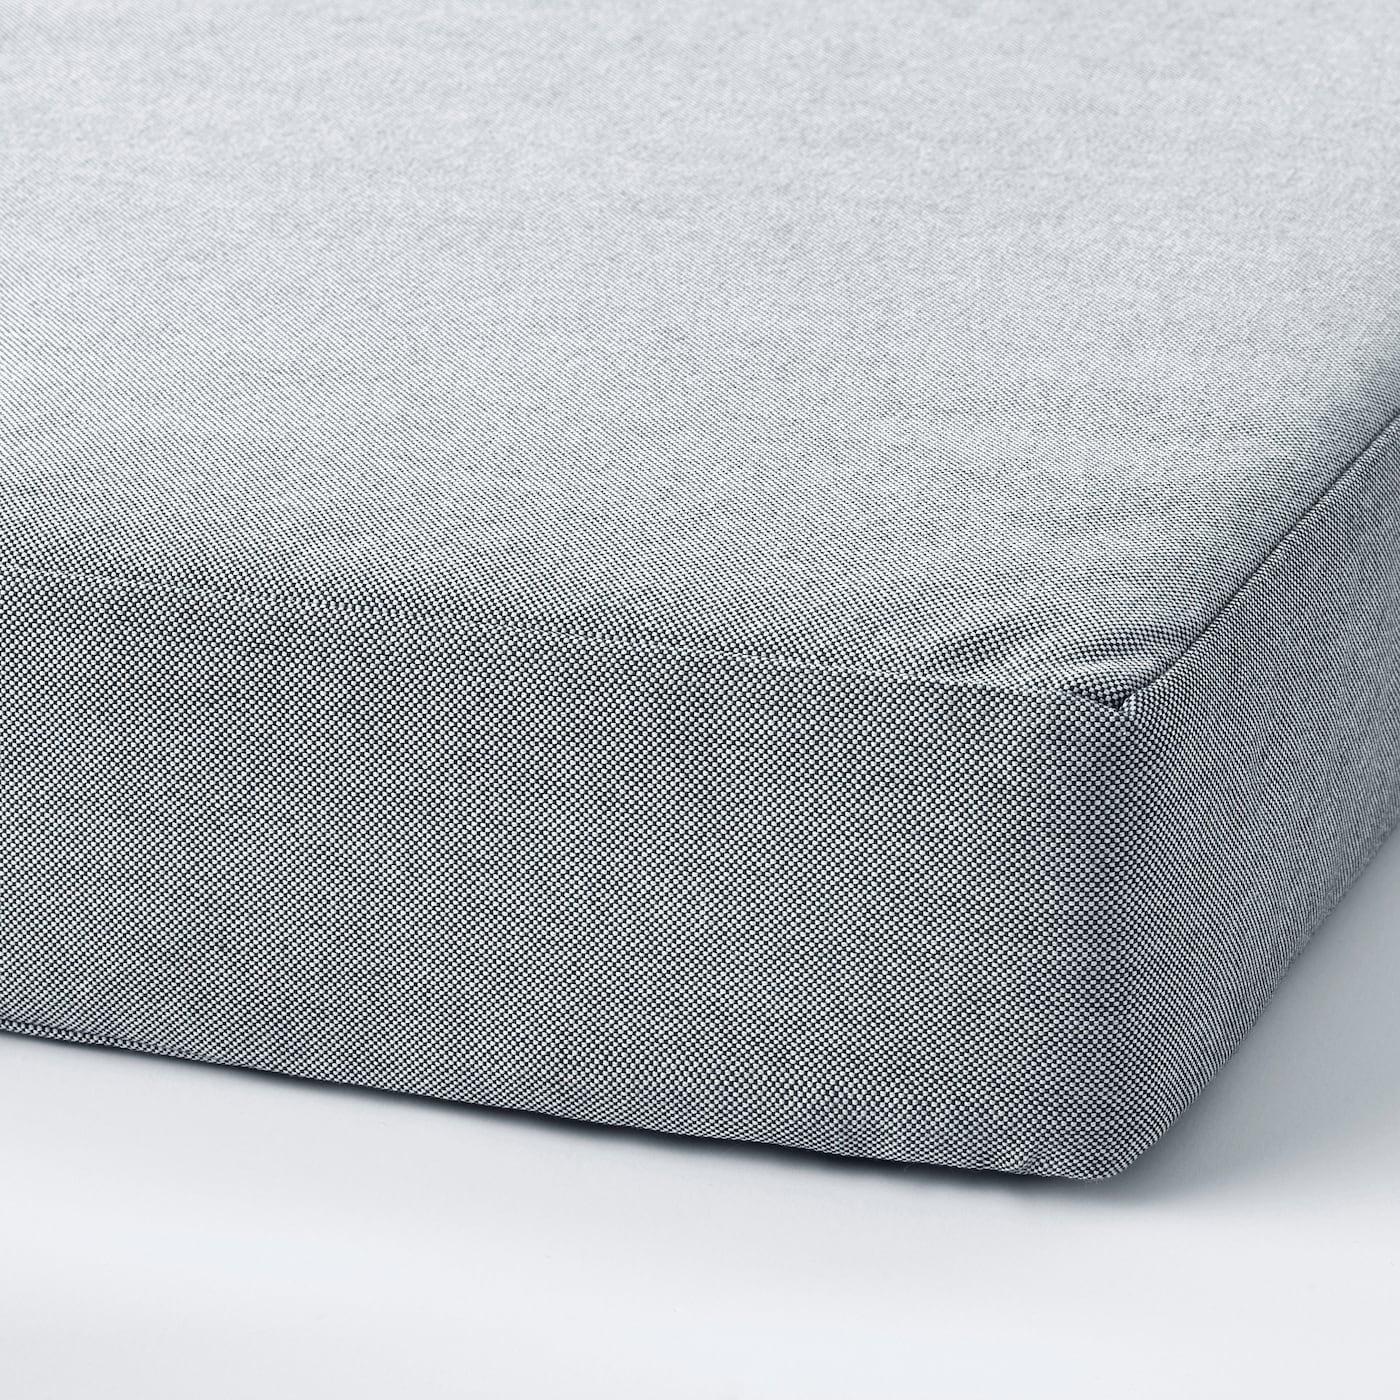 Slakt Pouffe Mattress Foldable Ikea